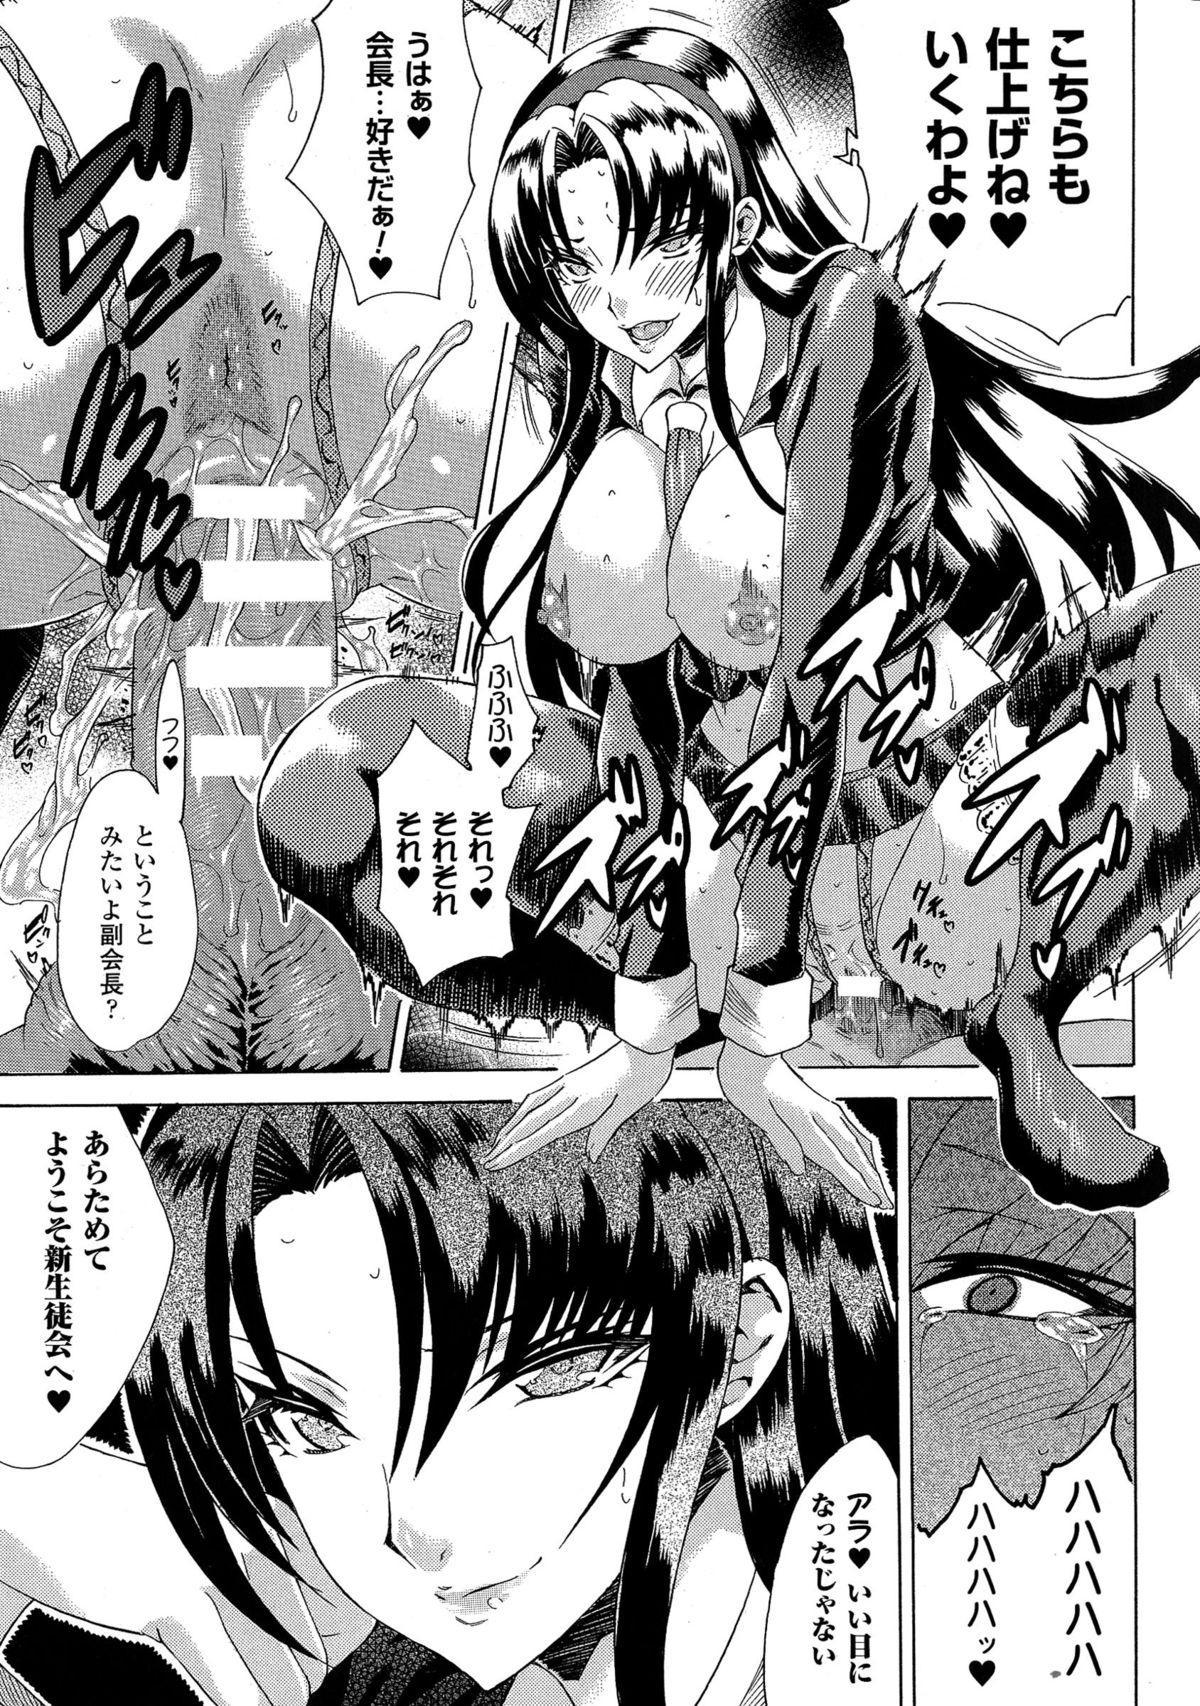 Kachiki na Onna ga Buzama na Ahegao o Sarasu made 60